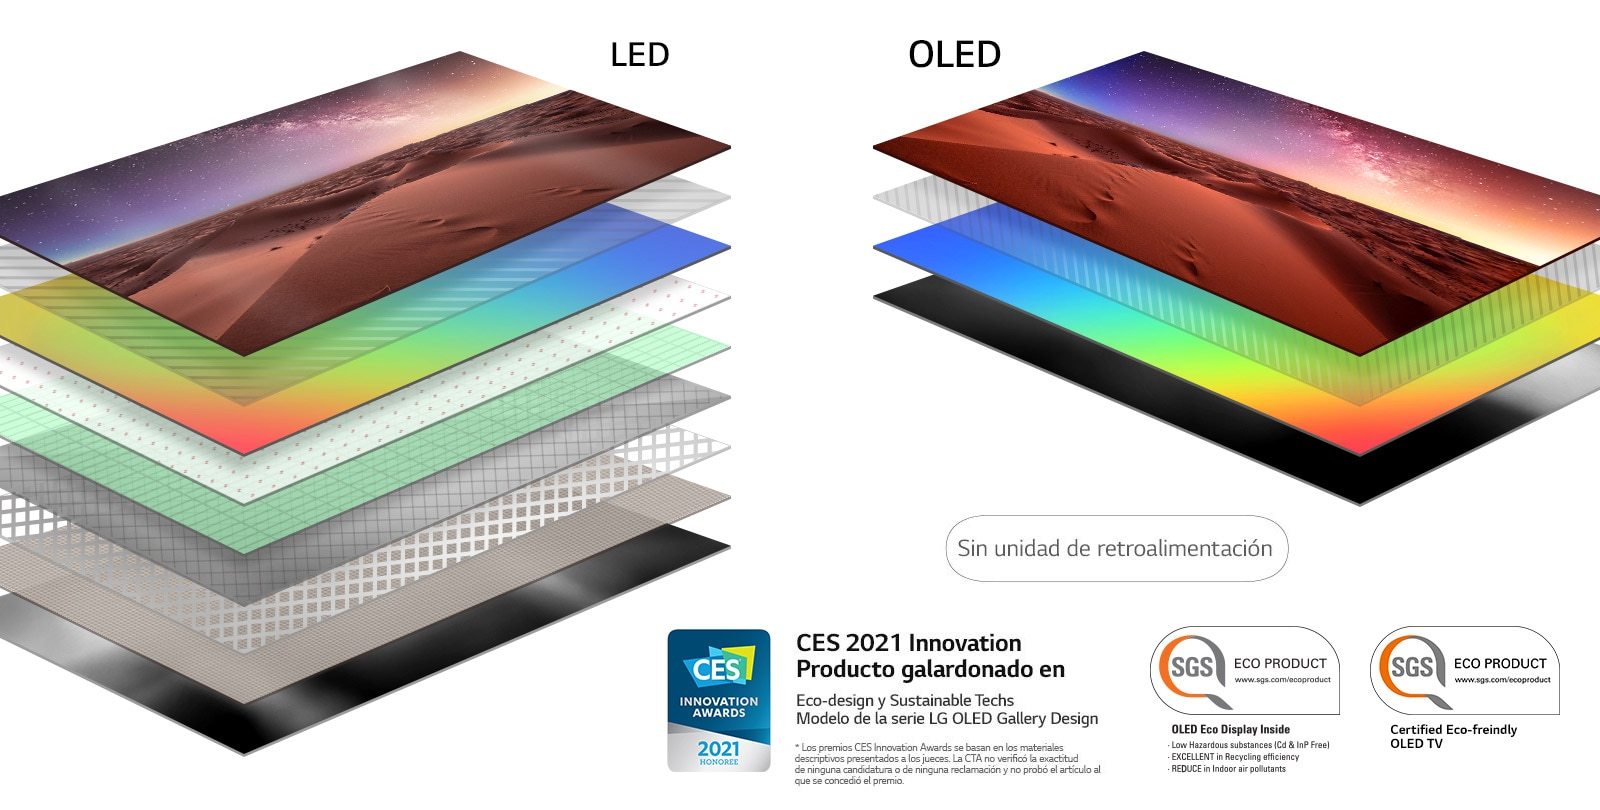 Comparación de la composición de la capa de visualización de un televisor LED con retroiluminación y un televisor OLED autoiluminiscente (reproducir el video)